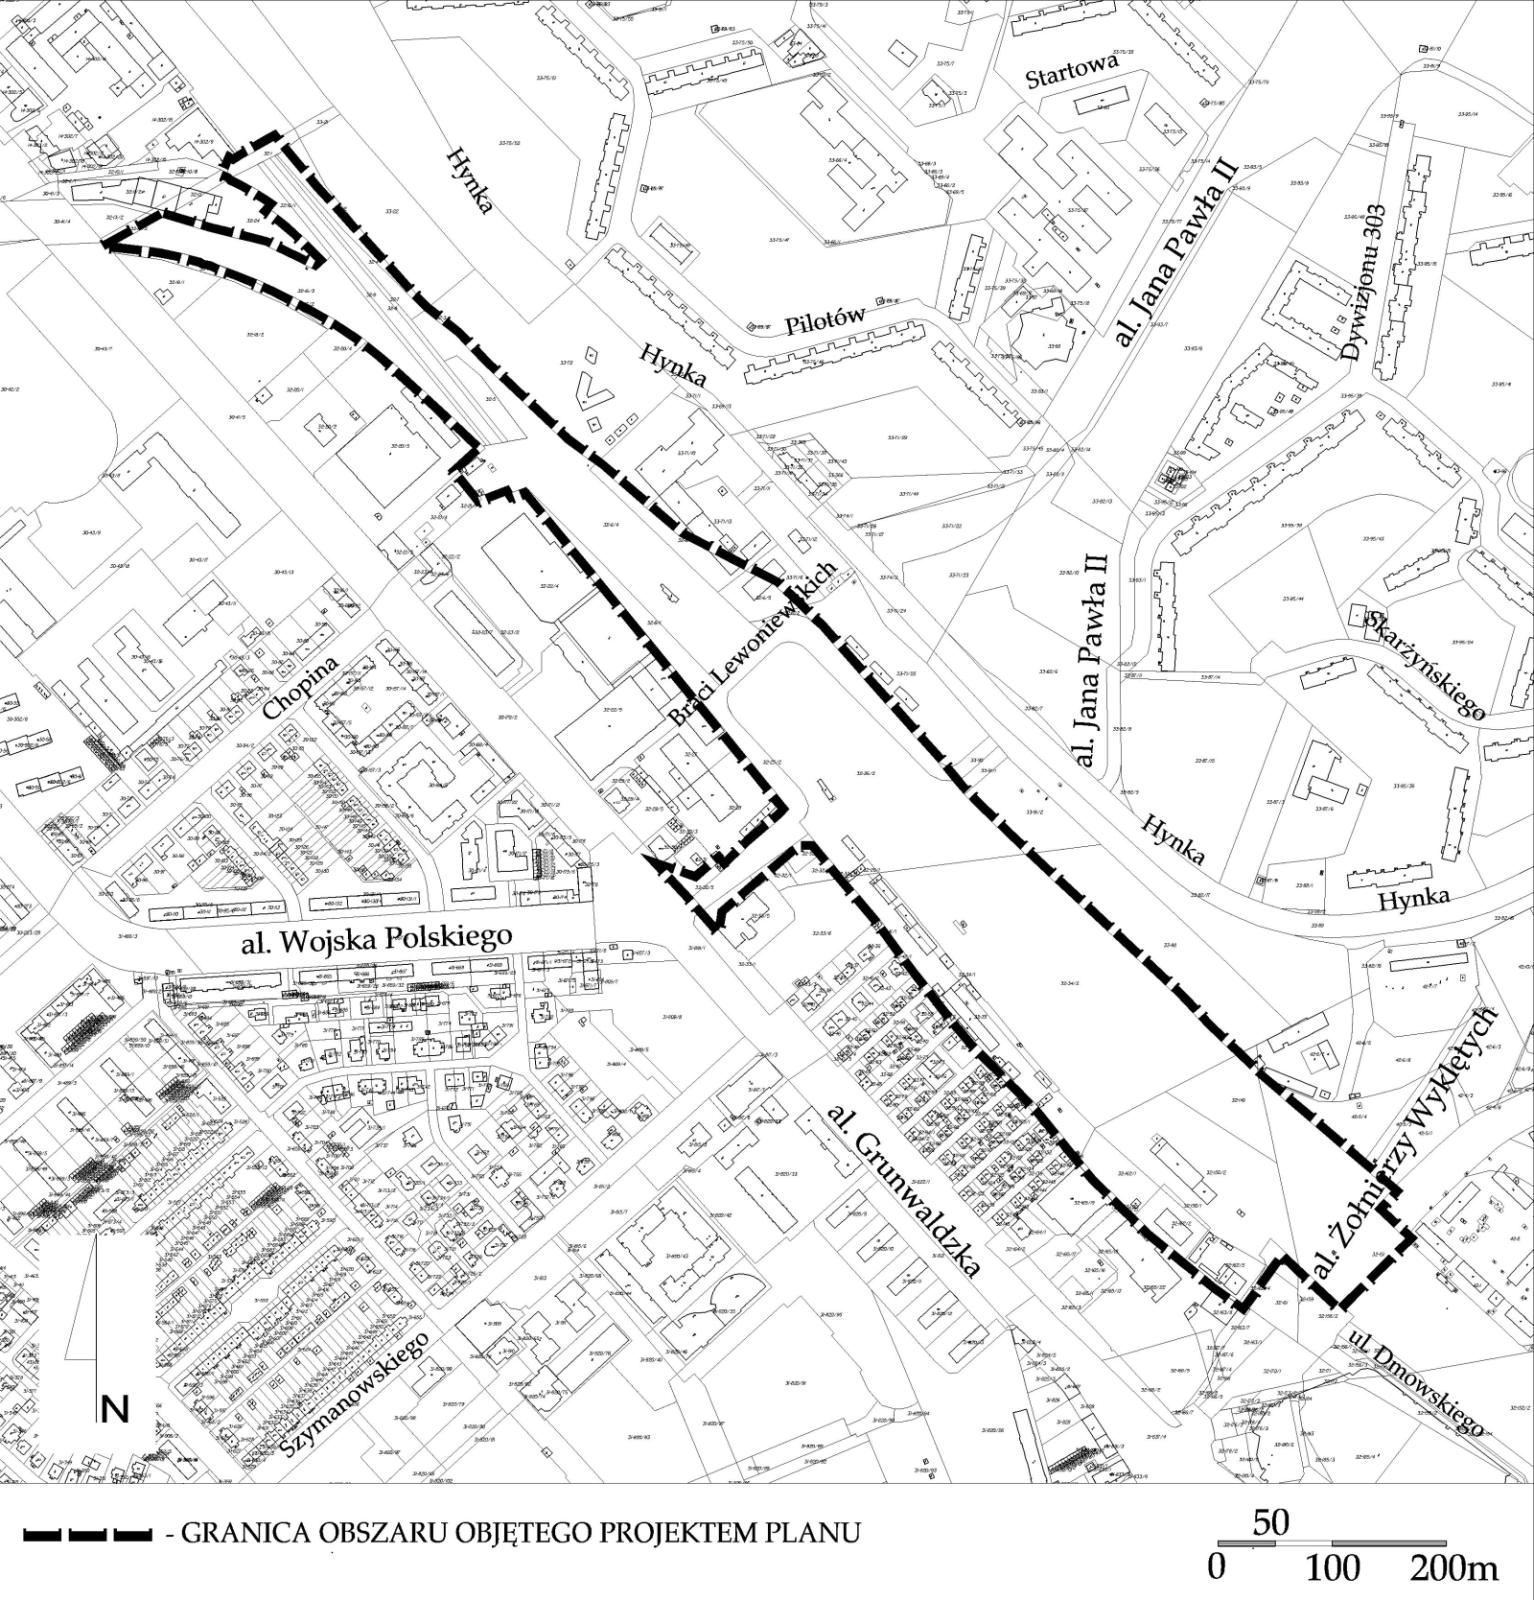 Gdansk Wrzeszcz plan 0848